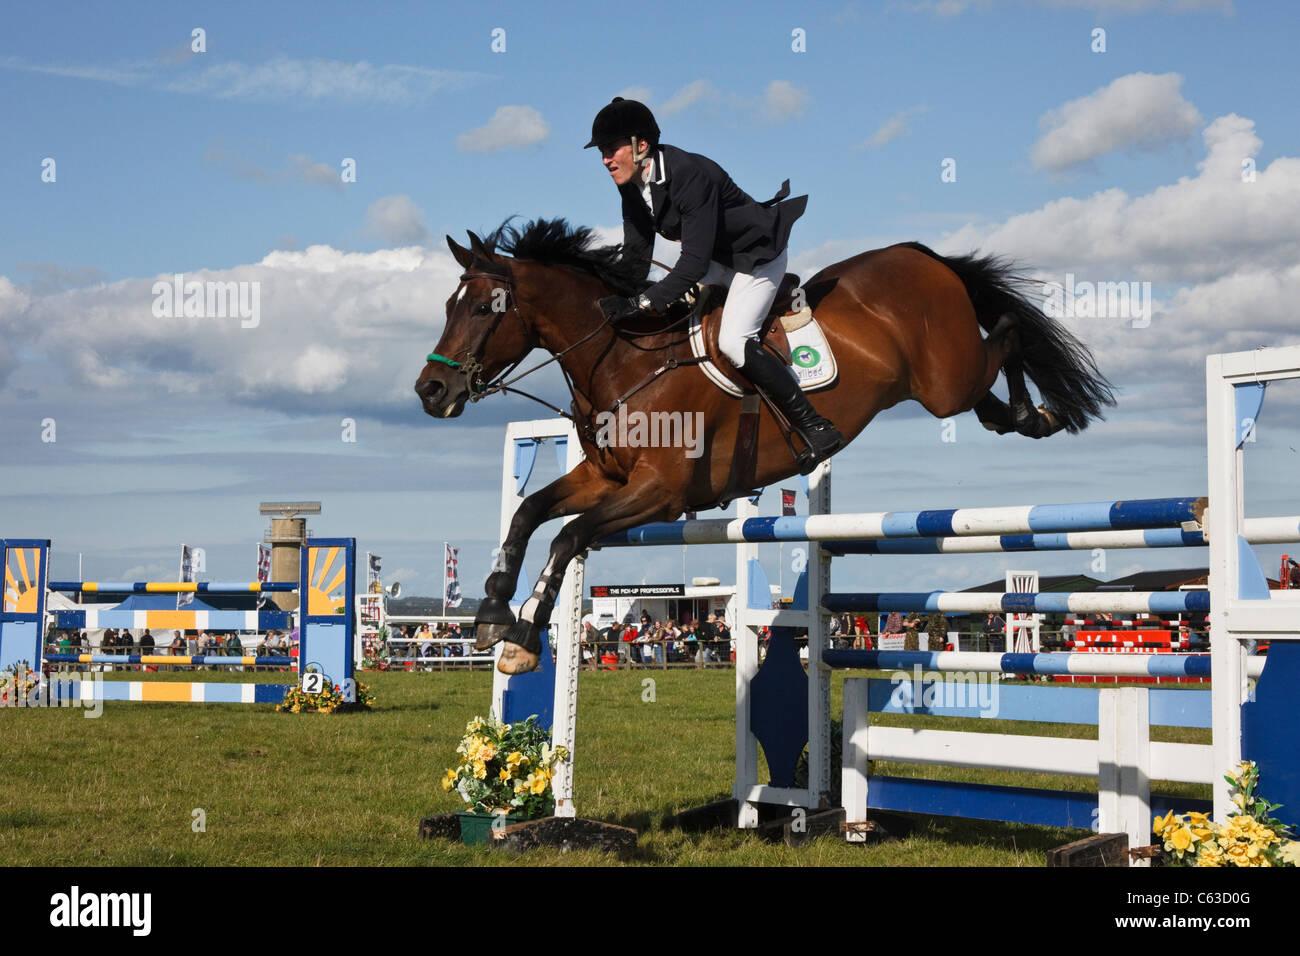 Le Nord du Pays de Galles, Royaume-Uni. Événement international de saut à cheval et jockey l'effacement Photo Stock